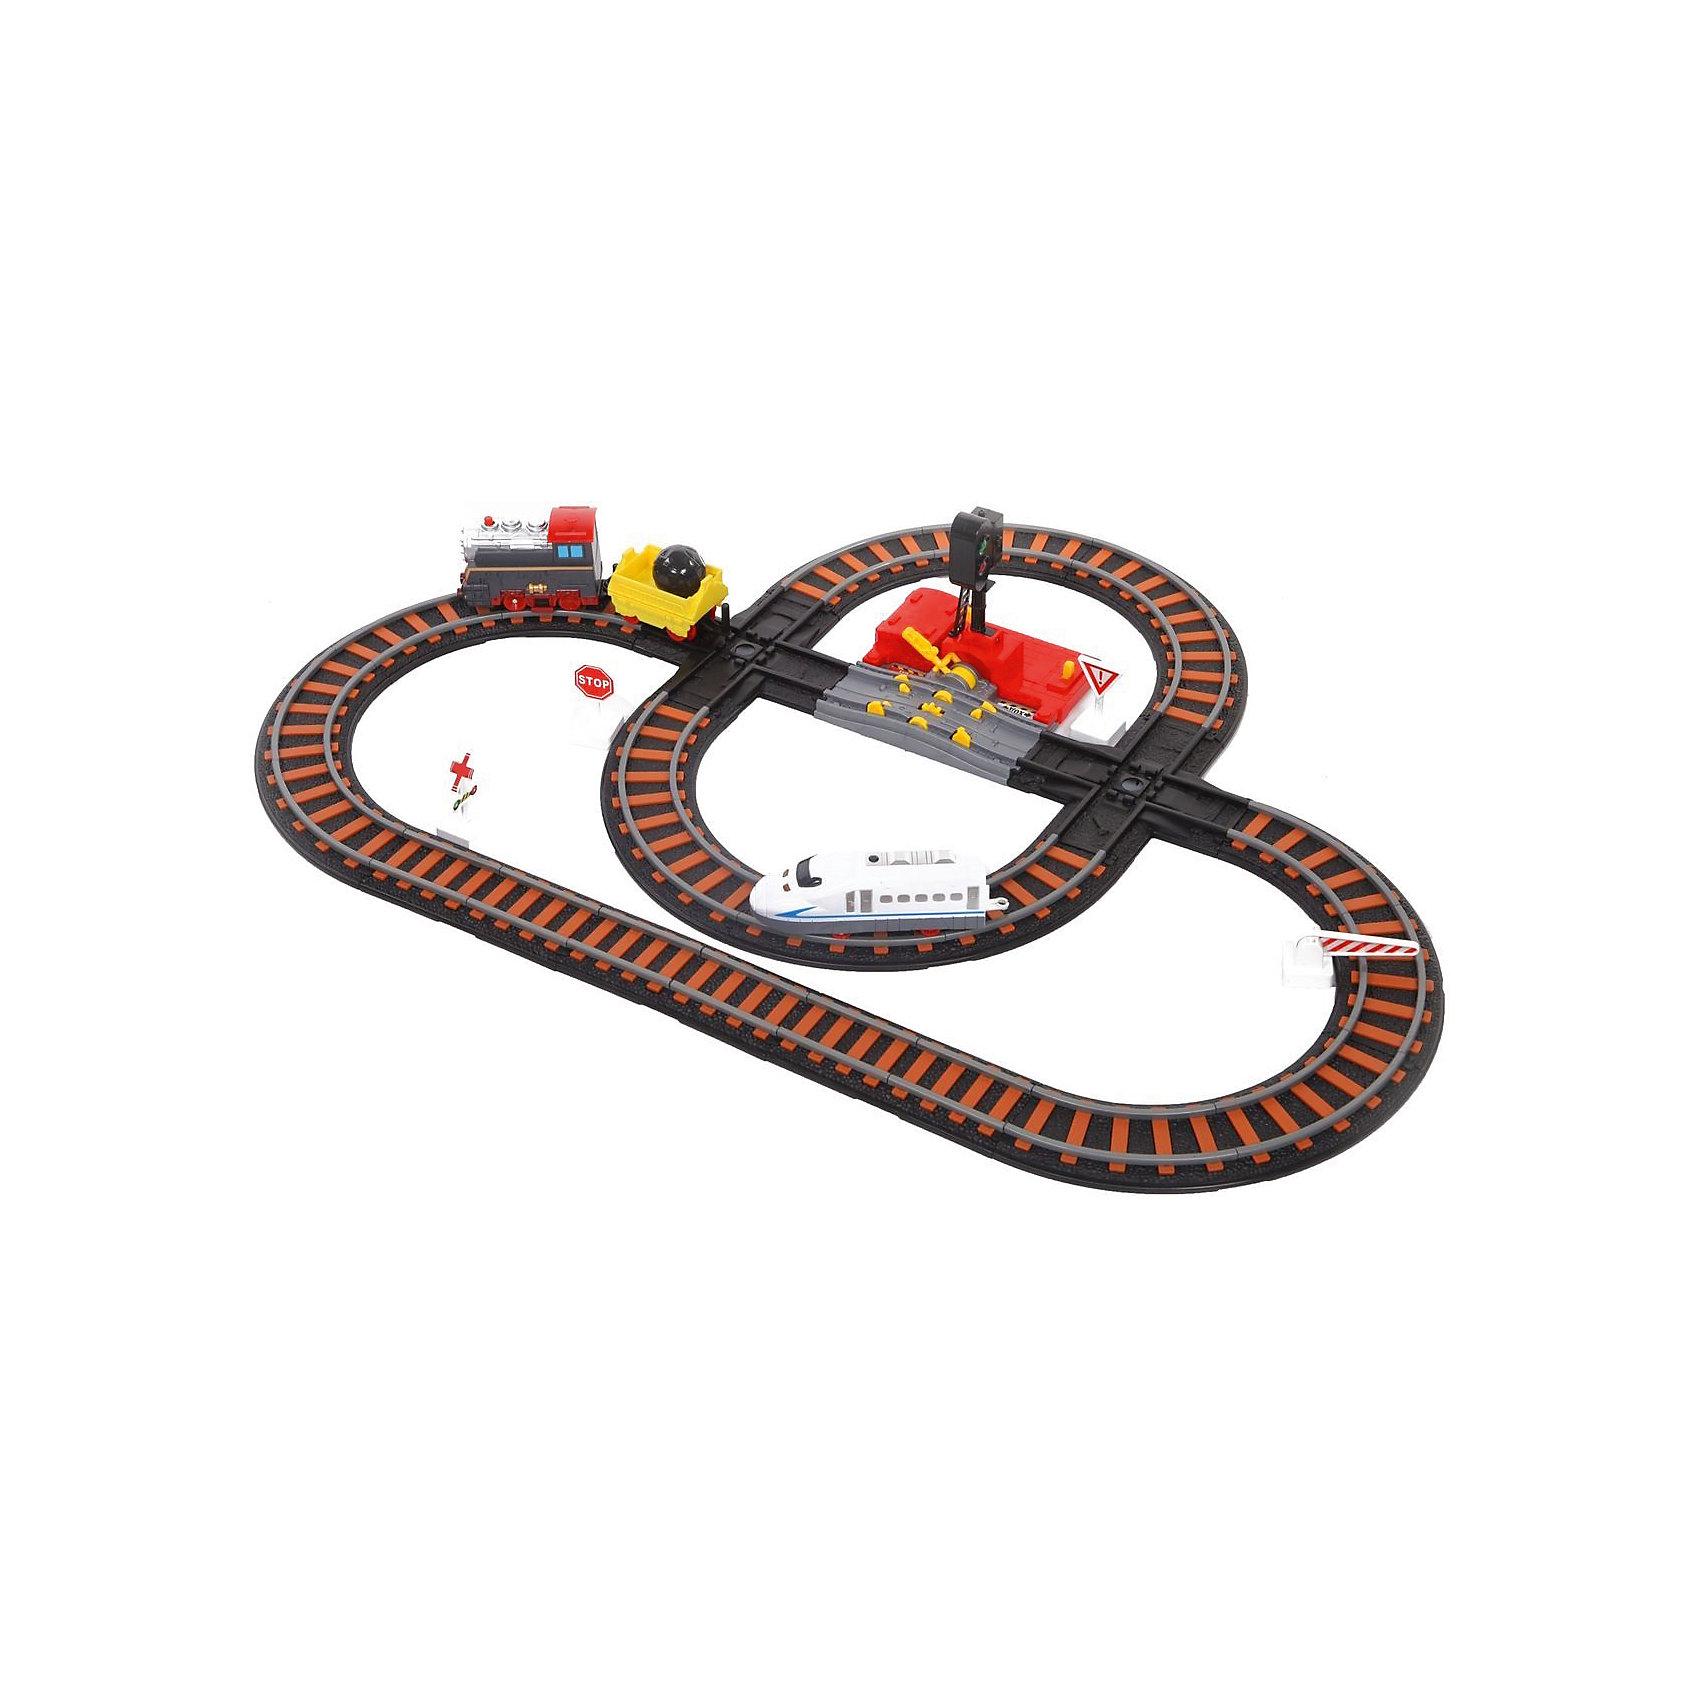 Железная дорога Yako Toys Останови крушение!, 2 перекрестка, механизм остановки, семафорЖелезные дороги<br>Железная дорога. Останови крушение!. 2-х ярусная. С перекрёстком и семафором.<br>В наборе 2 пути и 2 поезда: скоростной локомотив и паровоз с вагоном.  Паровоз можно остановить, используя специальный механизм остановки.  Если этого не сделать, произойдёт крушение. . Железнодорожные пути расположены в 2-х уровнях.  Новым элементом набора является семафор. Семафор соединяется с механизмом остановки поезда. При включённом красном сигнале семафора поезд останавливается. Переводя рычаг в положение движение поезда создаётся возможность движения паровоза без остановки. При этом семафор работает в режиме зелёного, разрешающего сигнала.<br><br>Ширина мм: 210<br>Глубина мм: 300<br>Высота мм: 170<br>Вес г: 1500<br>Возраст от месяцев: 36<br>Возраст до месяцев: 72<br>Пол: Мужской<br>Возраст: Детский<br>SKU: 7172283